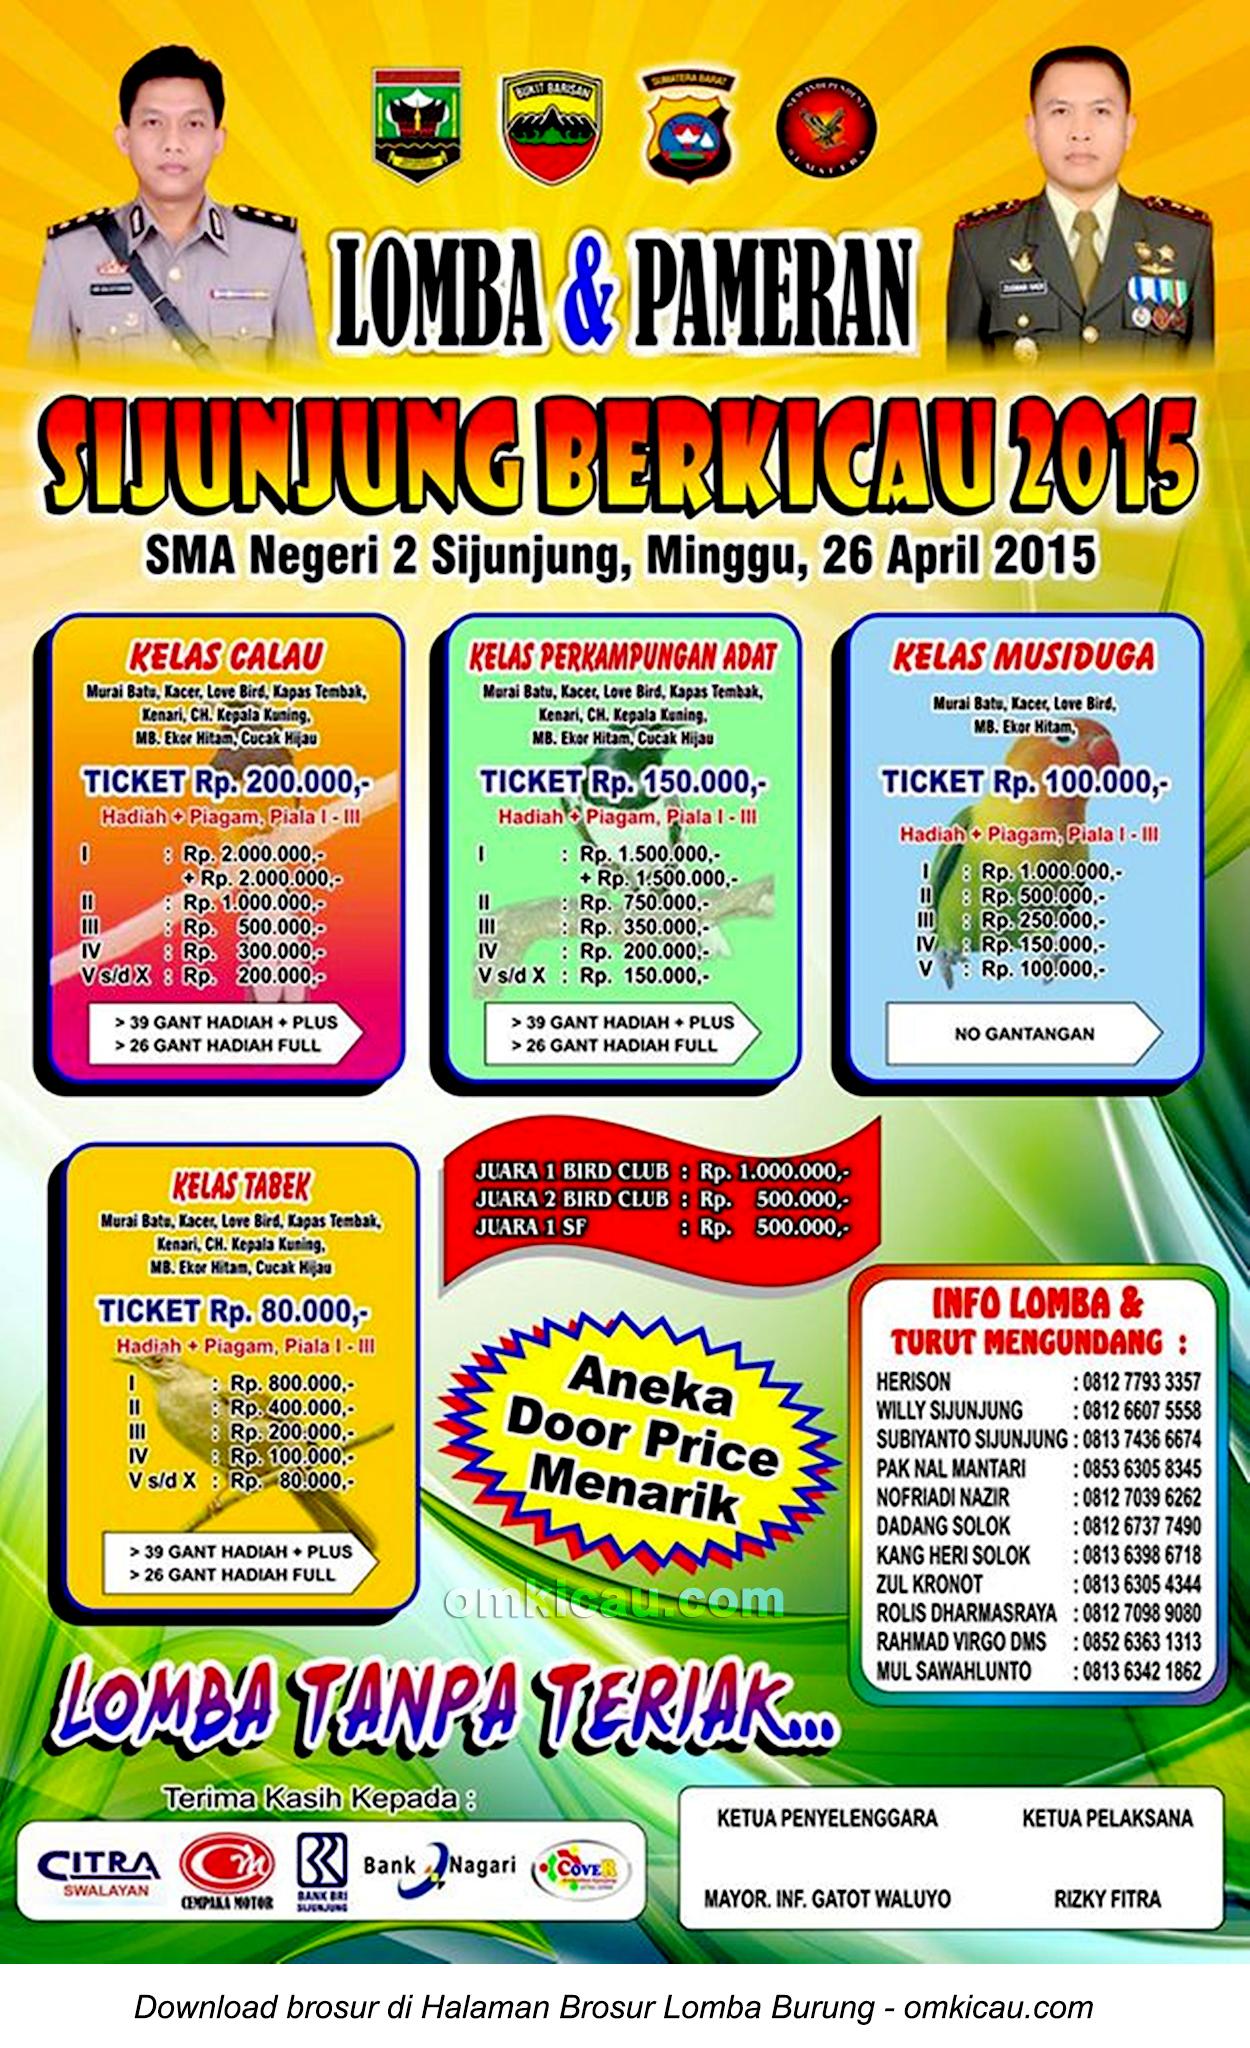 Brosur Lomba Burung Sijunjung Berkicau, 26 April 2015